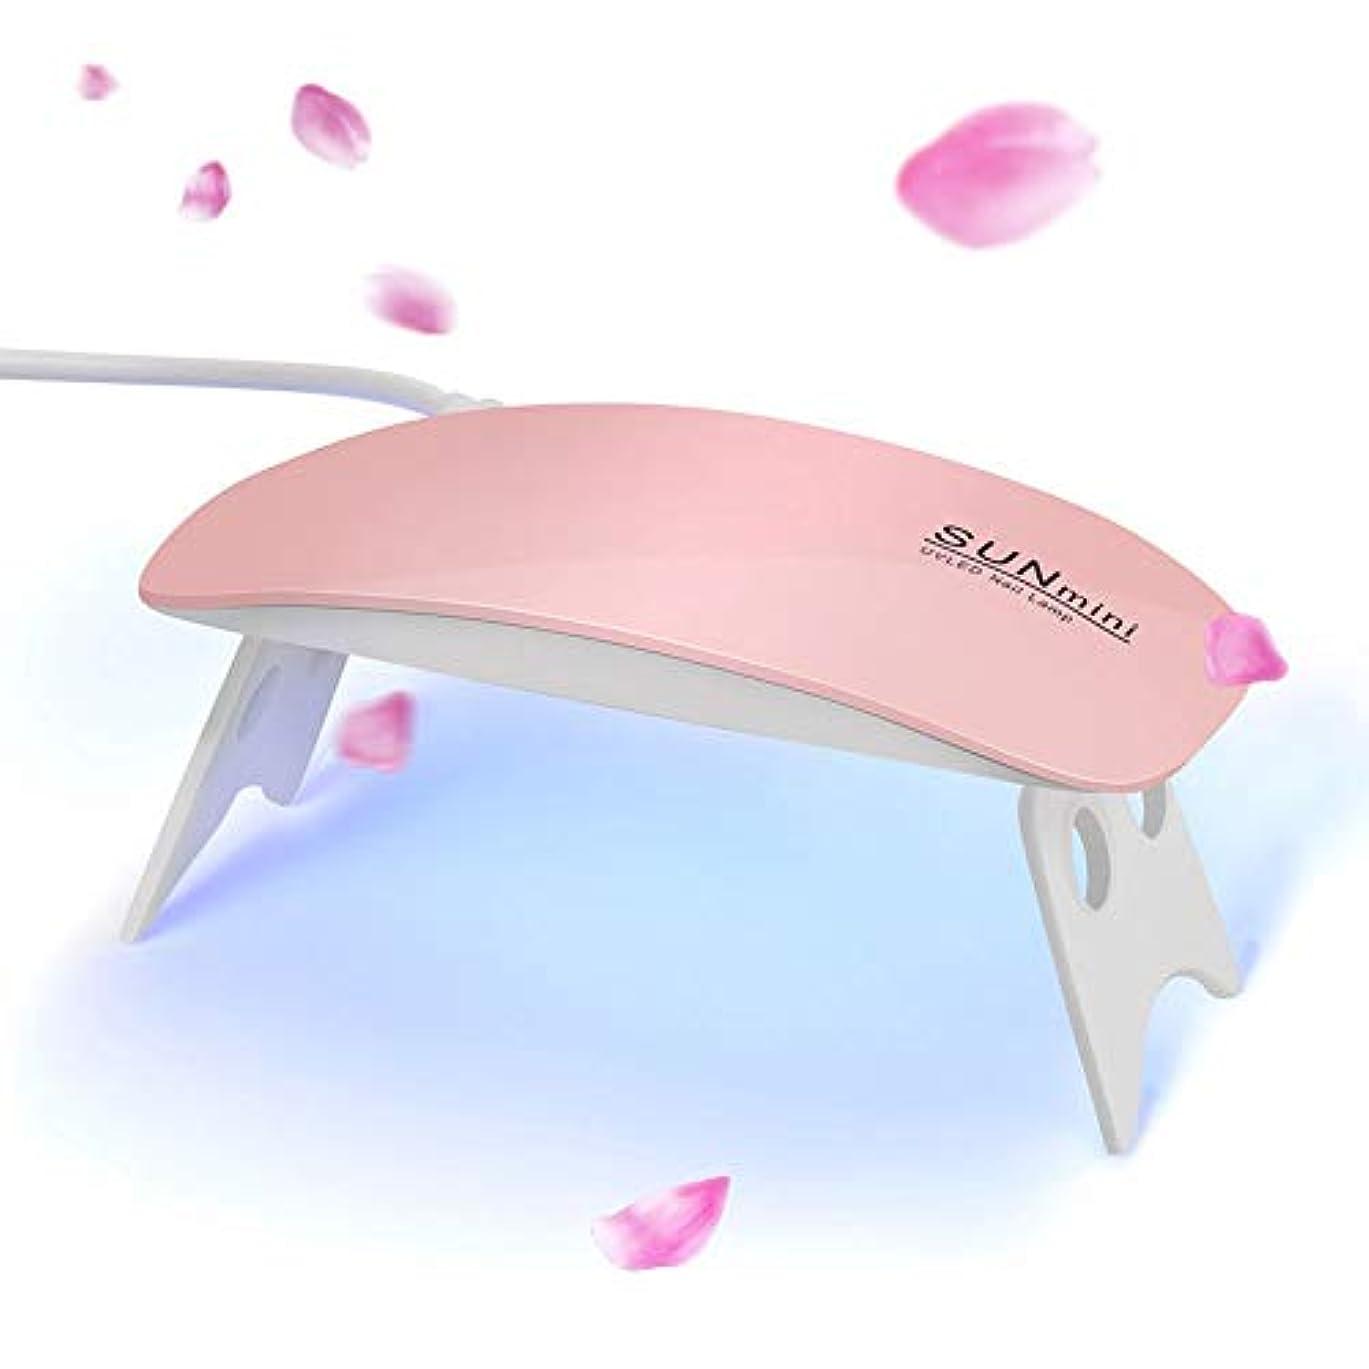 襟商品おばさんLEDネイルドライヤー,KIMIHE UVライト 超ミニ USB式 ネイル用硬化ライト 2タイミング設定付き 折りたたみ式手足とも使える UV と LEDダブルライト (かわいいピンク)